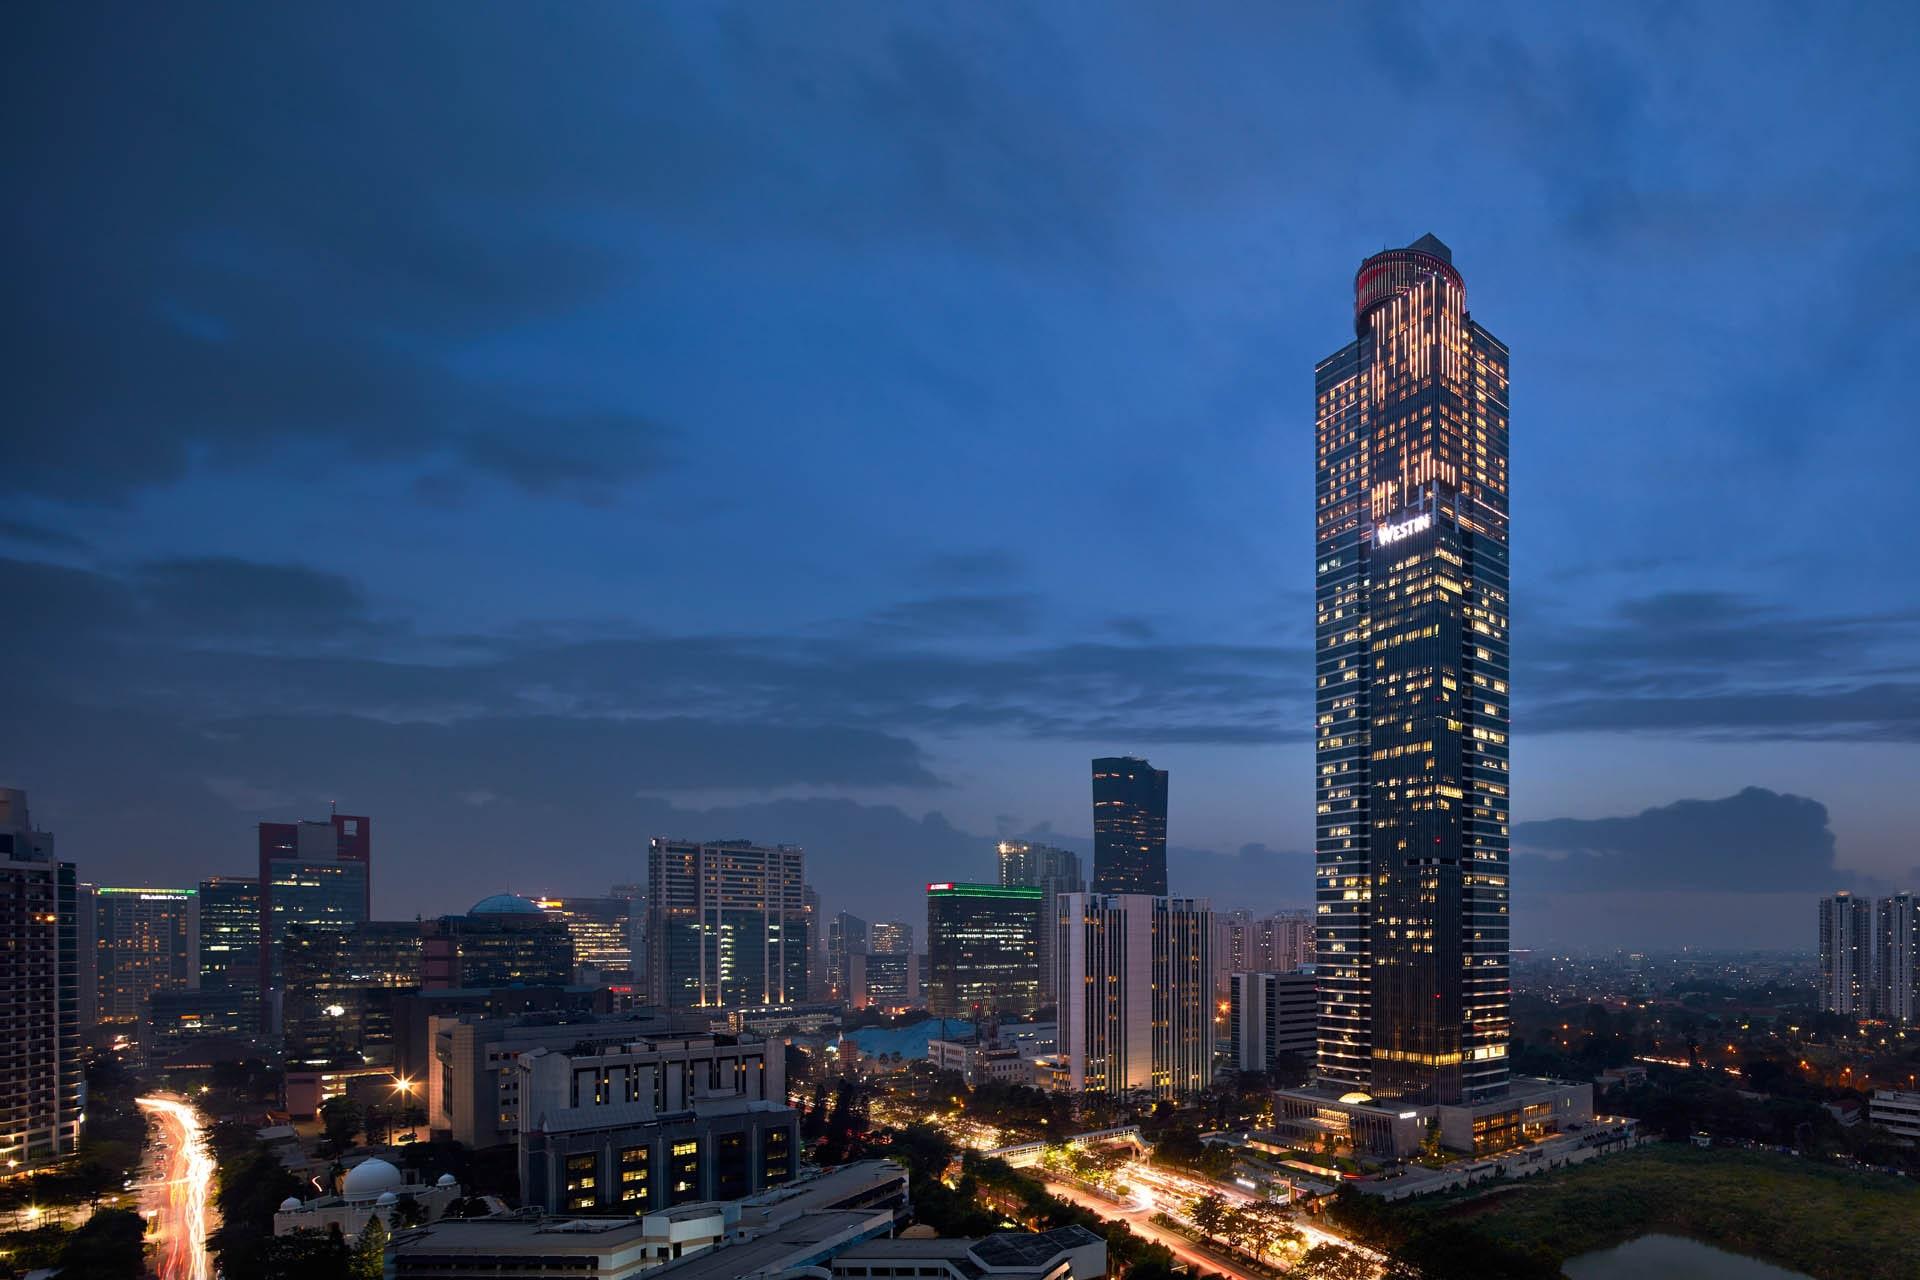 Kemegahan Gama Tower di malam hari © Decoruma